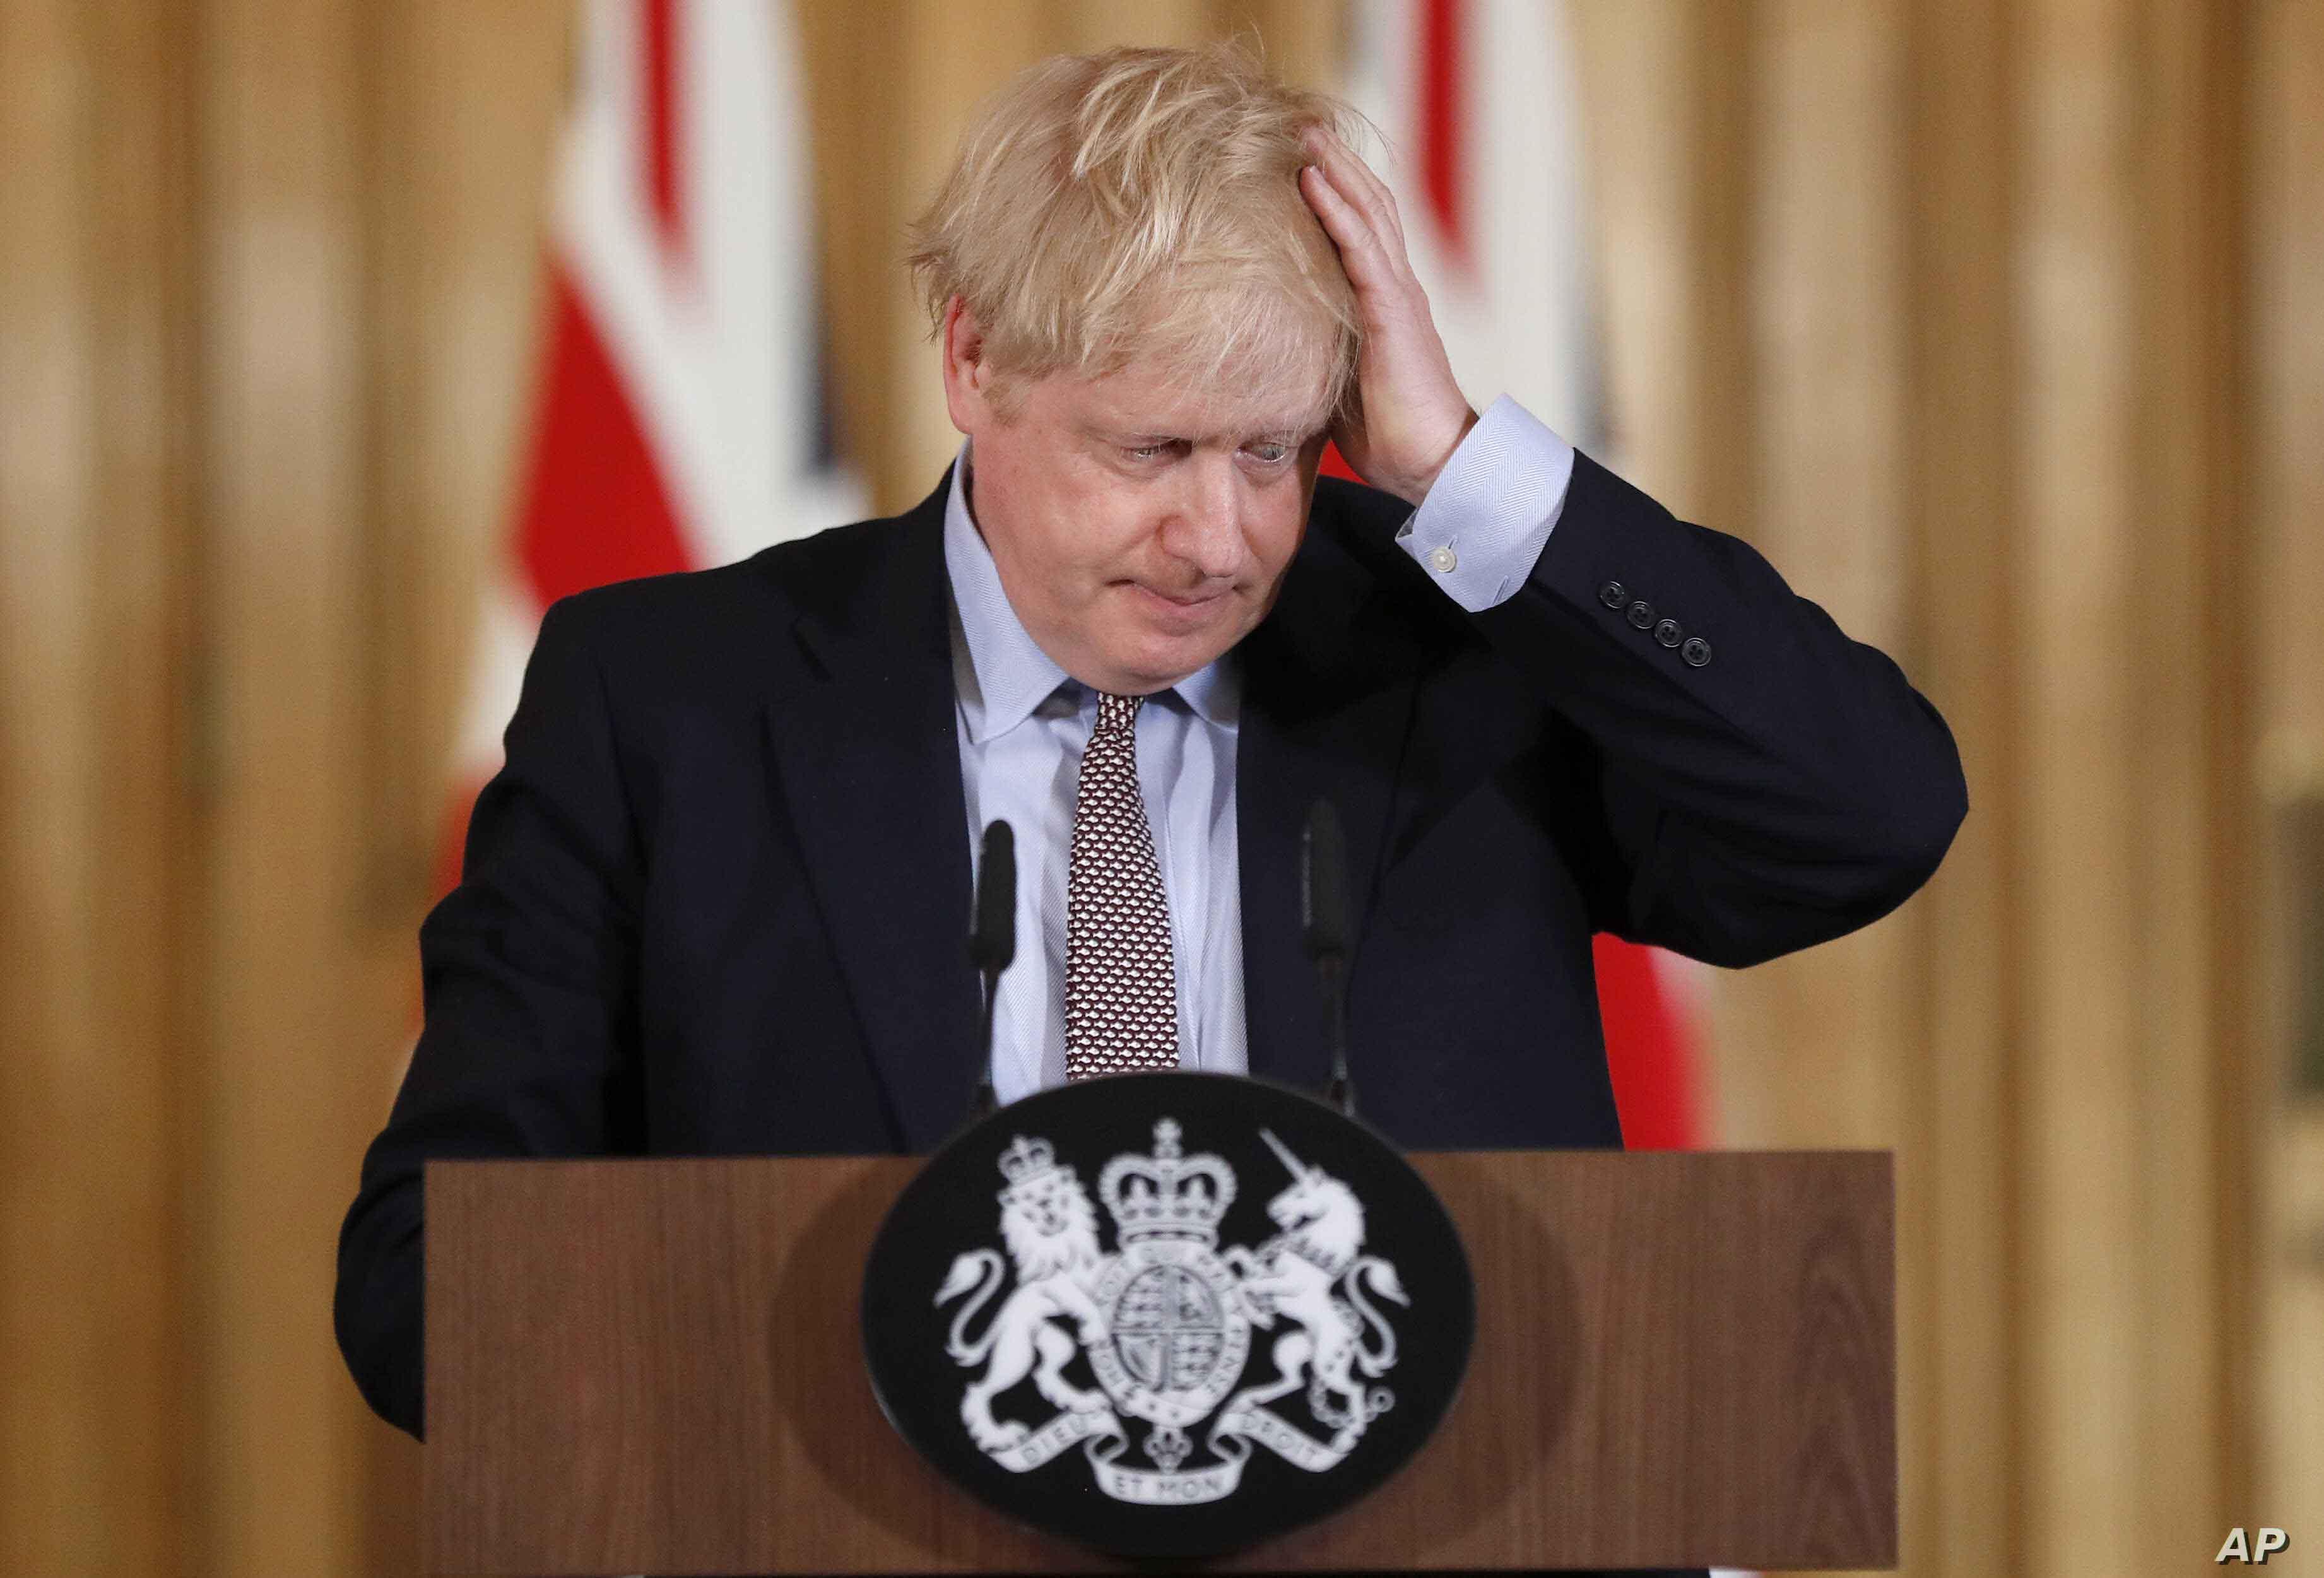 Electoral Commission To Investigate Boris Johnson